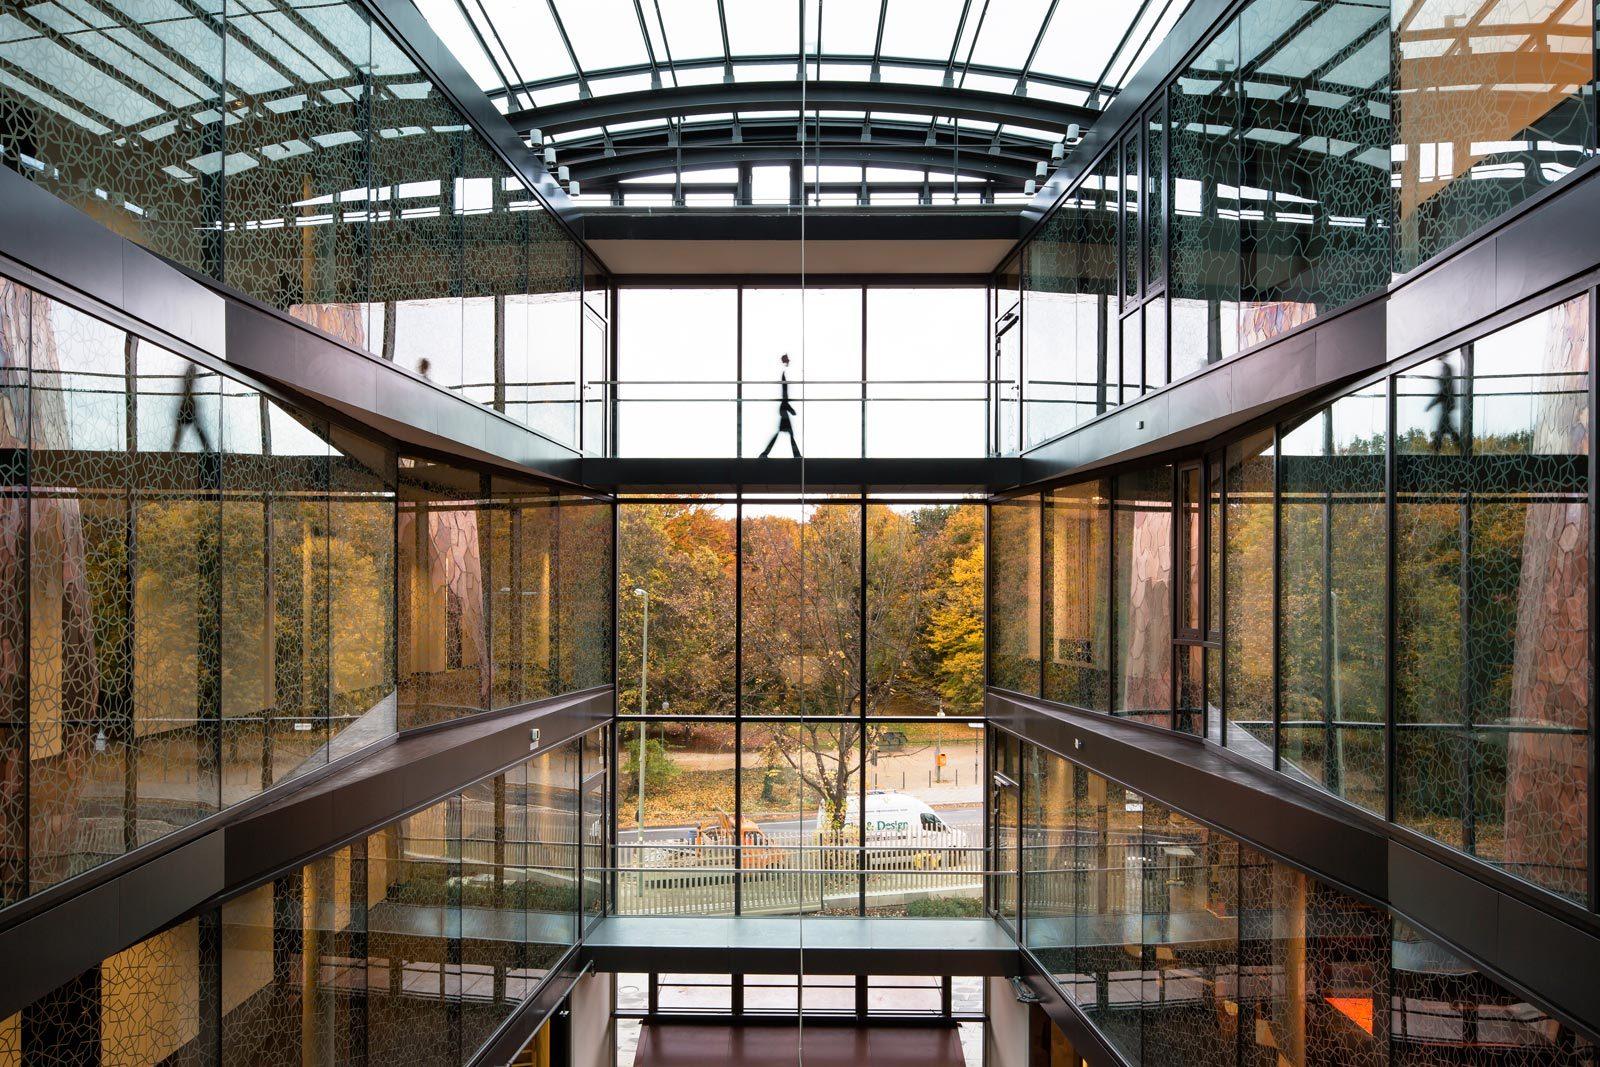 52689dd0e8e44ee8e10003d8_turkish-embassy-in-berlin-nsh-architekten_felipe_schmidt_10